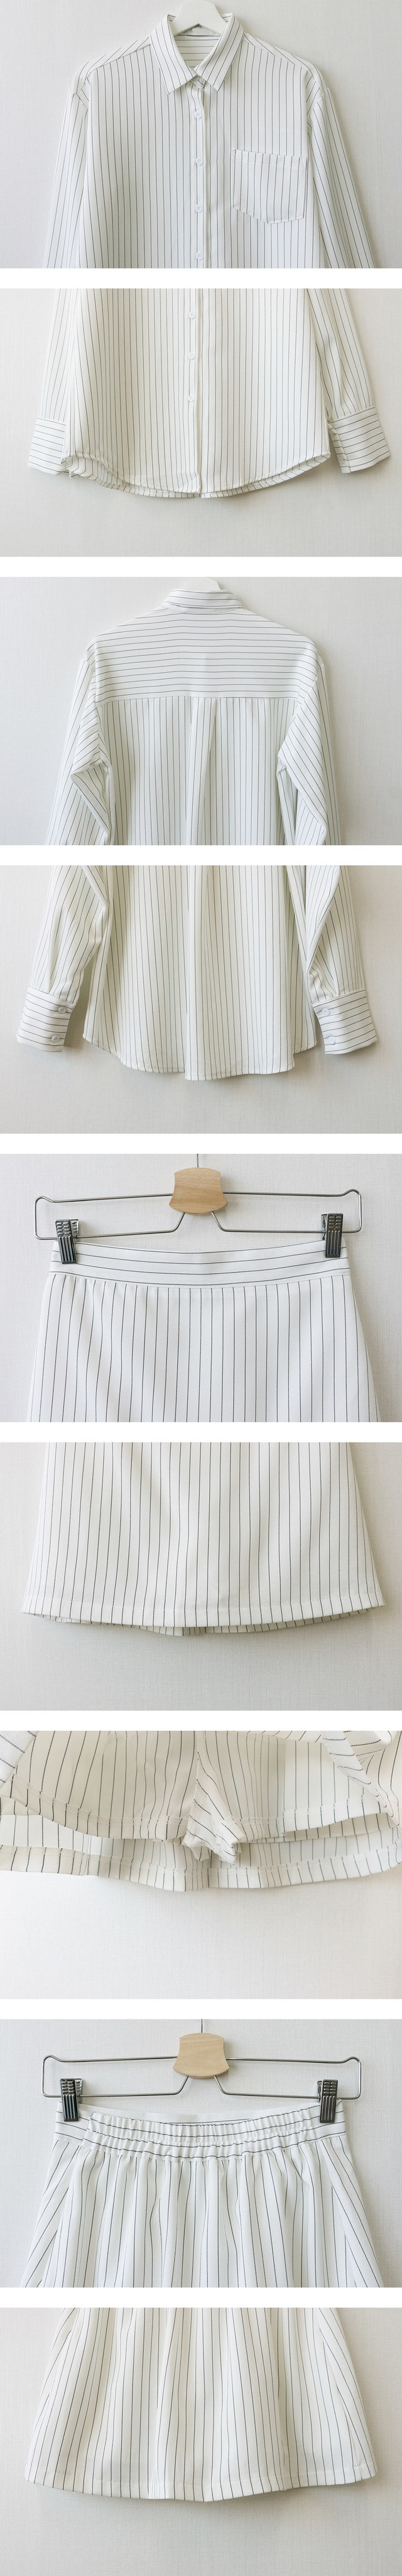 Stripe shirt + mini skirt pants set